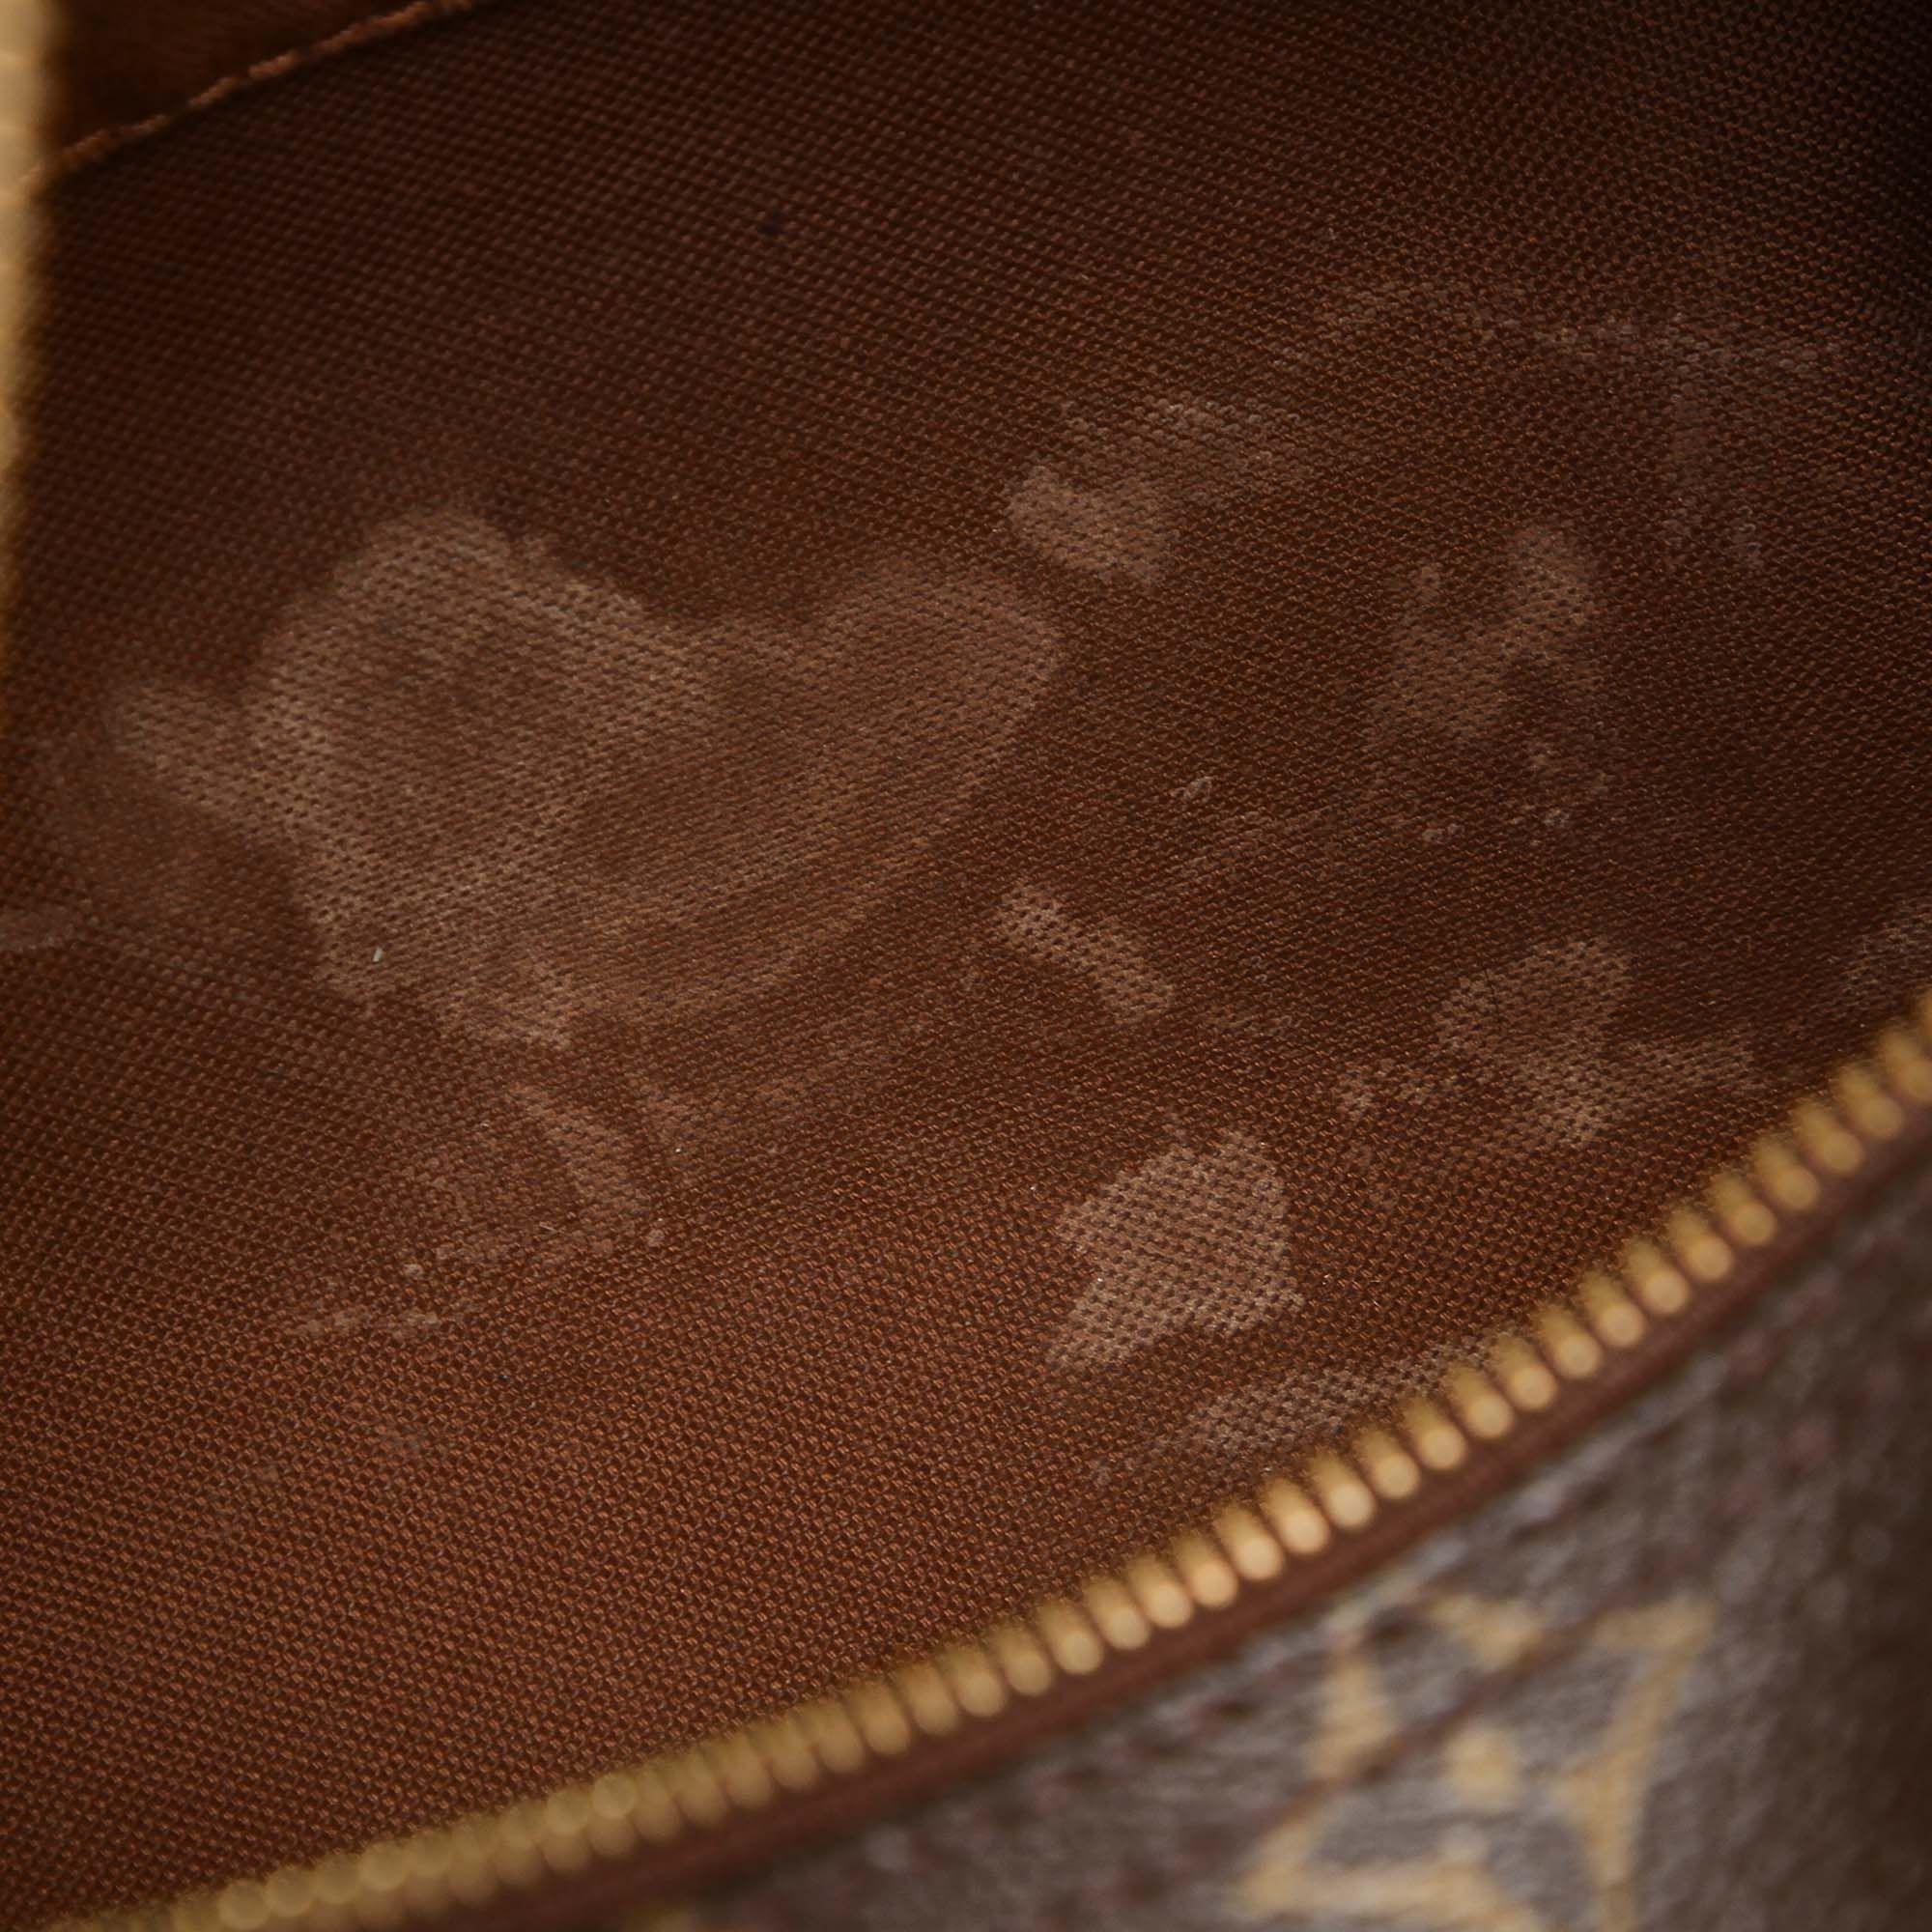 Vintage Louis Vuitton Monogram Speedy 25 Brown